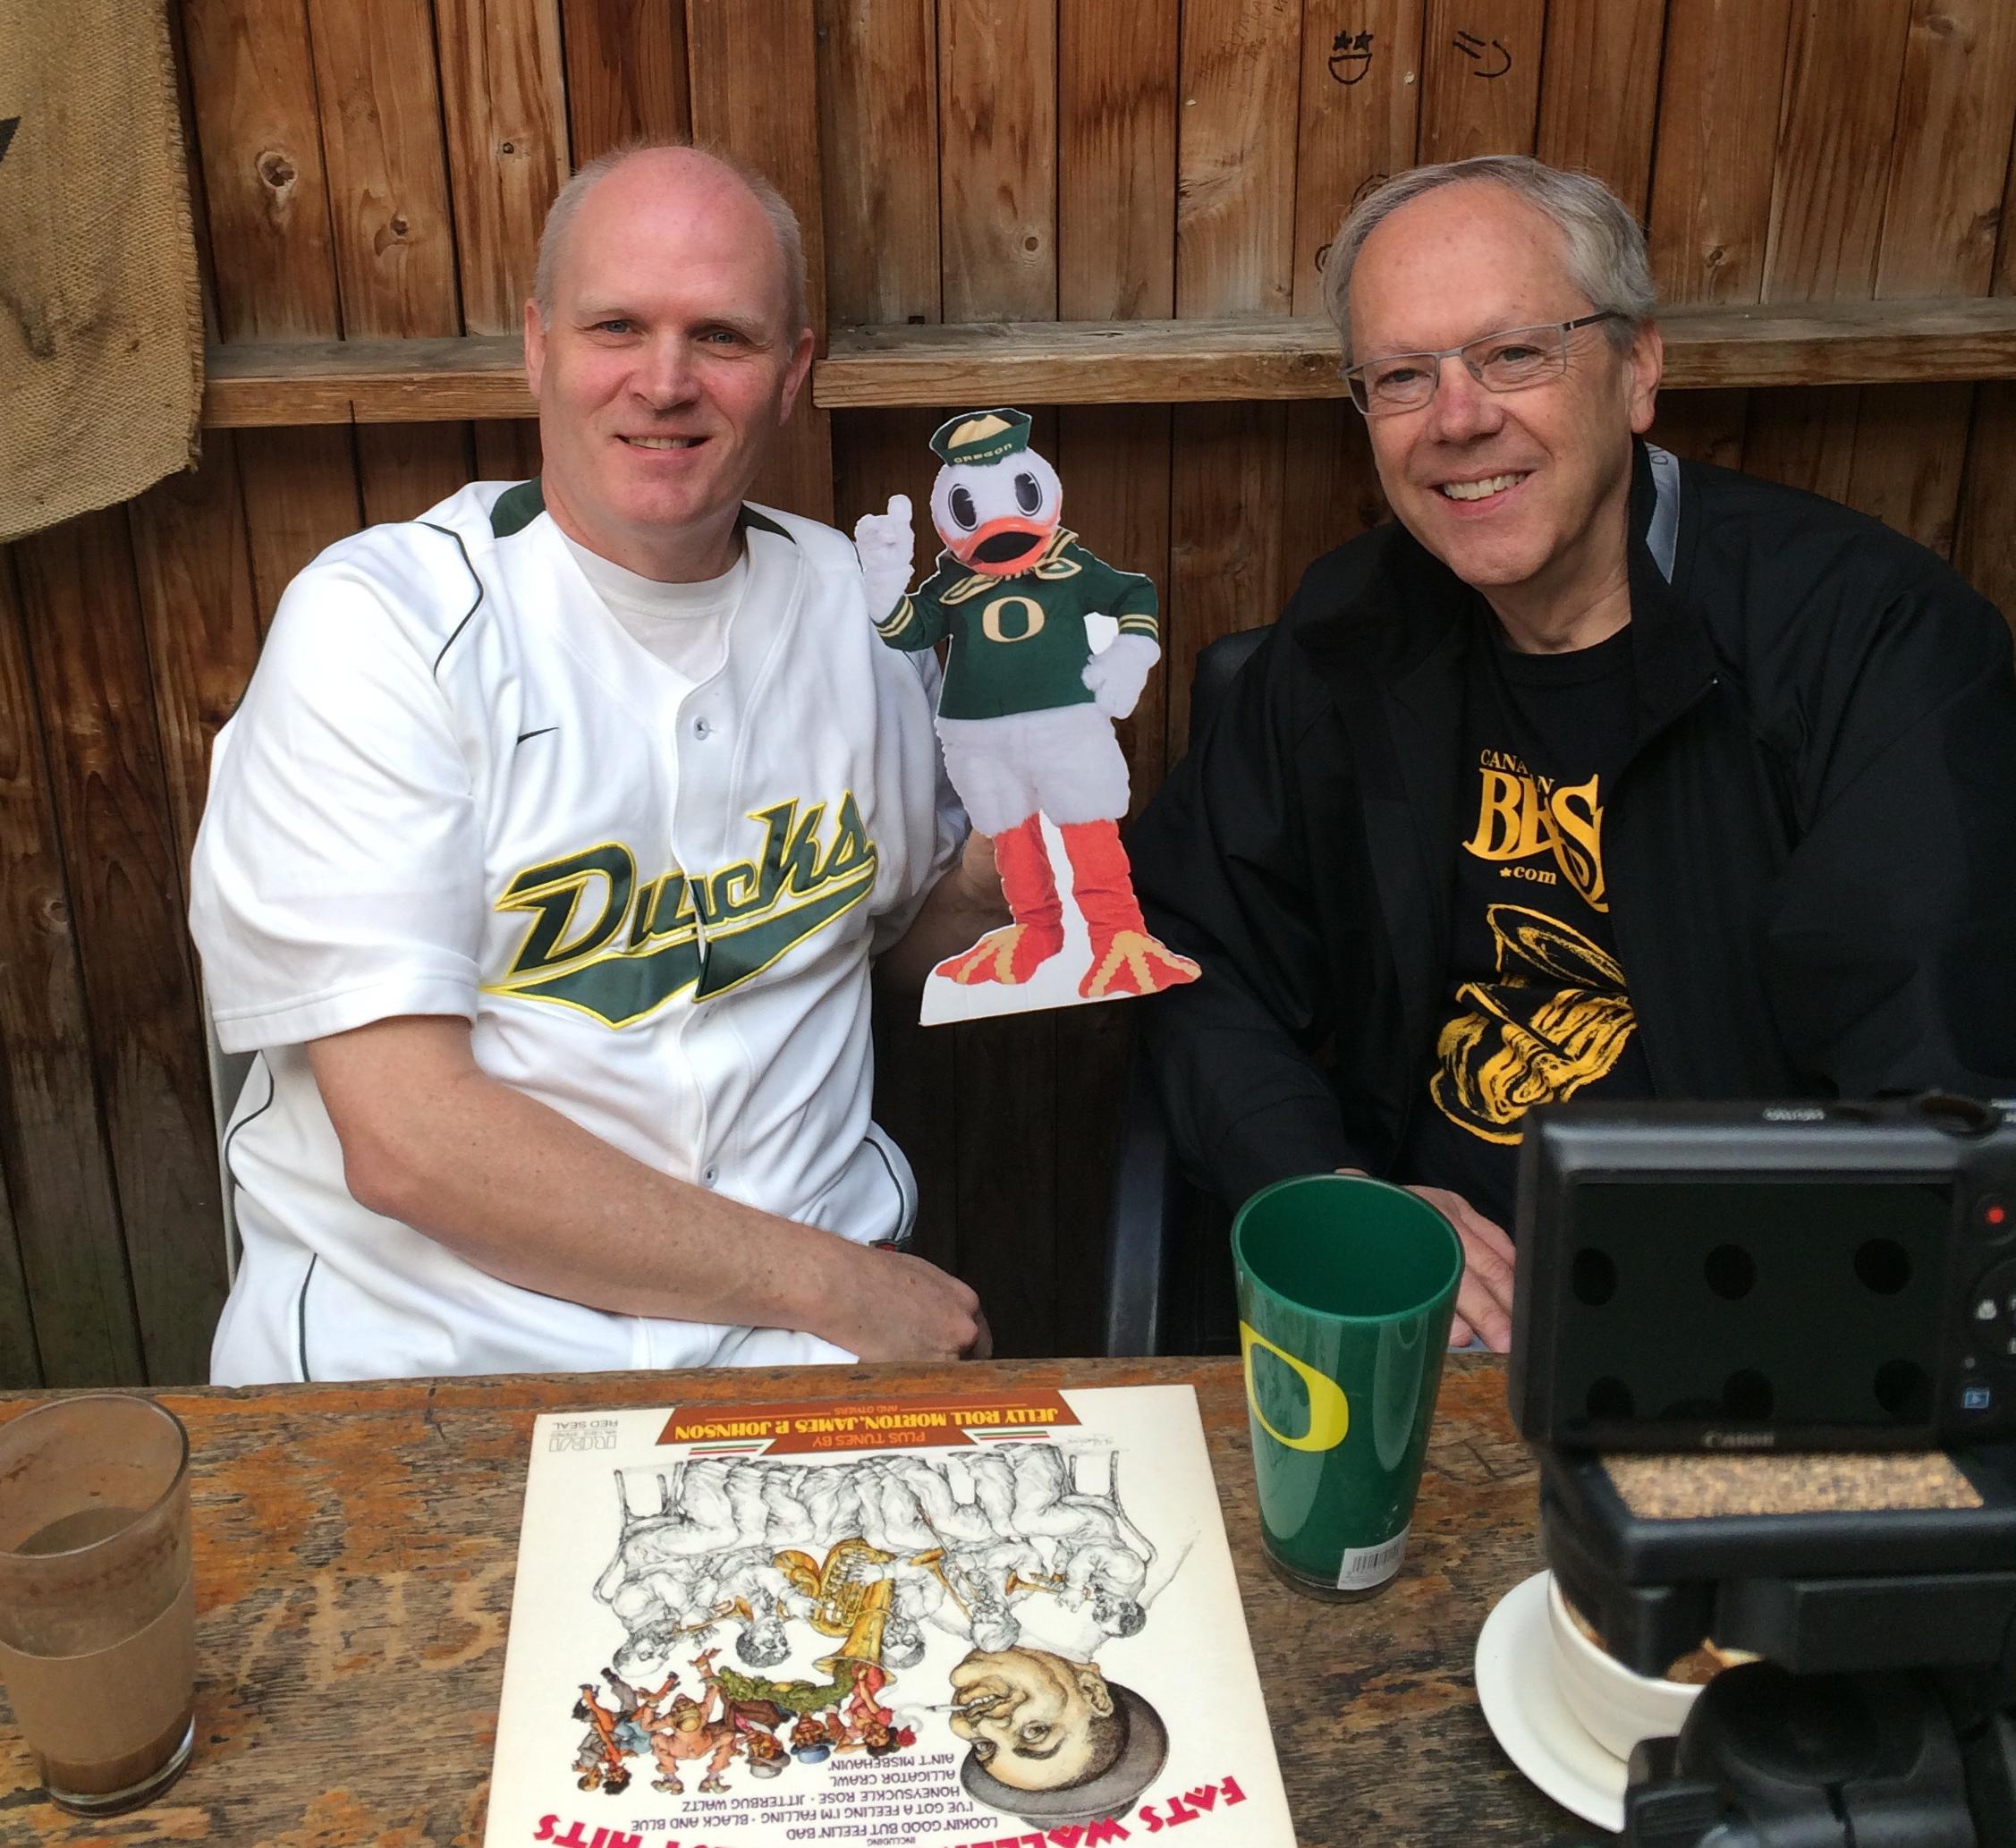 Puddles and Chuck Daellenbach.jpg